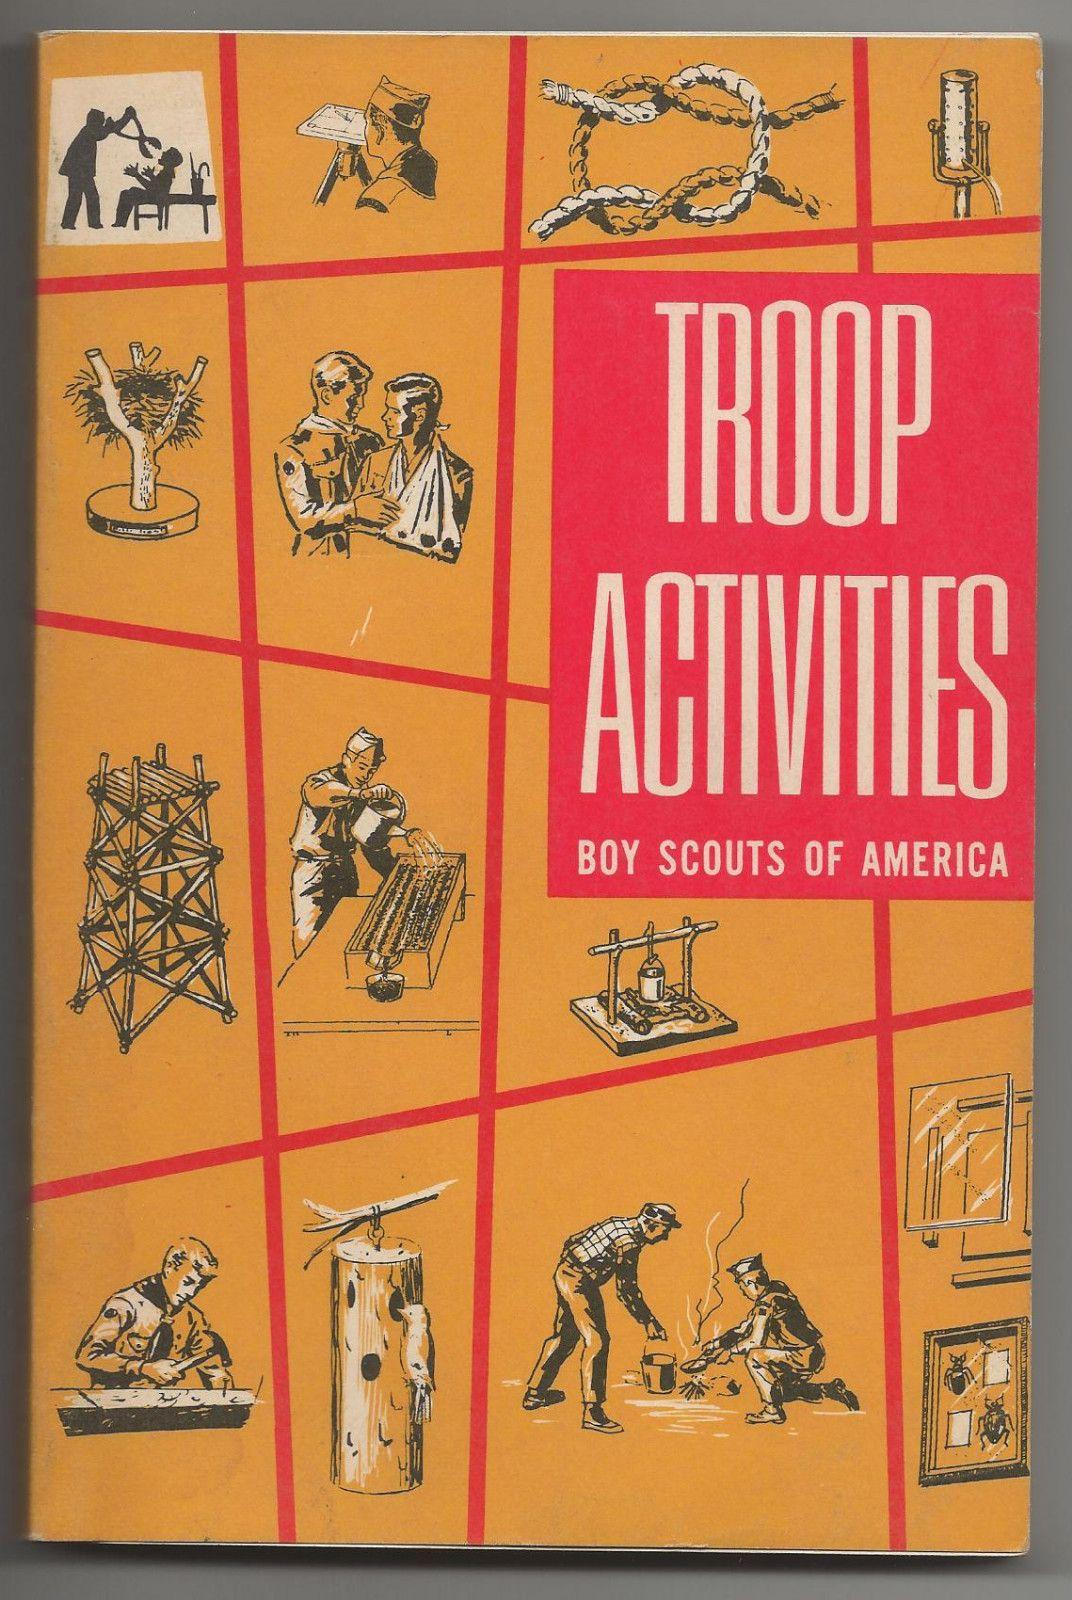 Vintage Boy Scout Activity Book